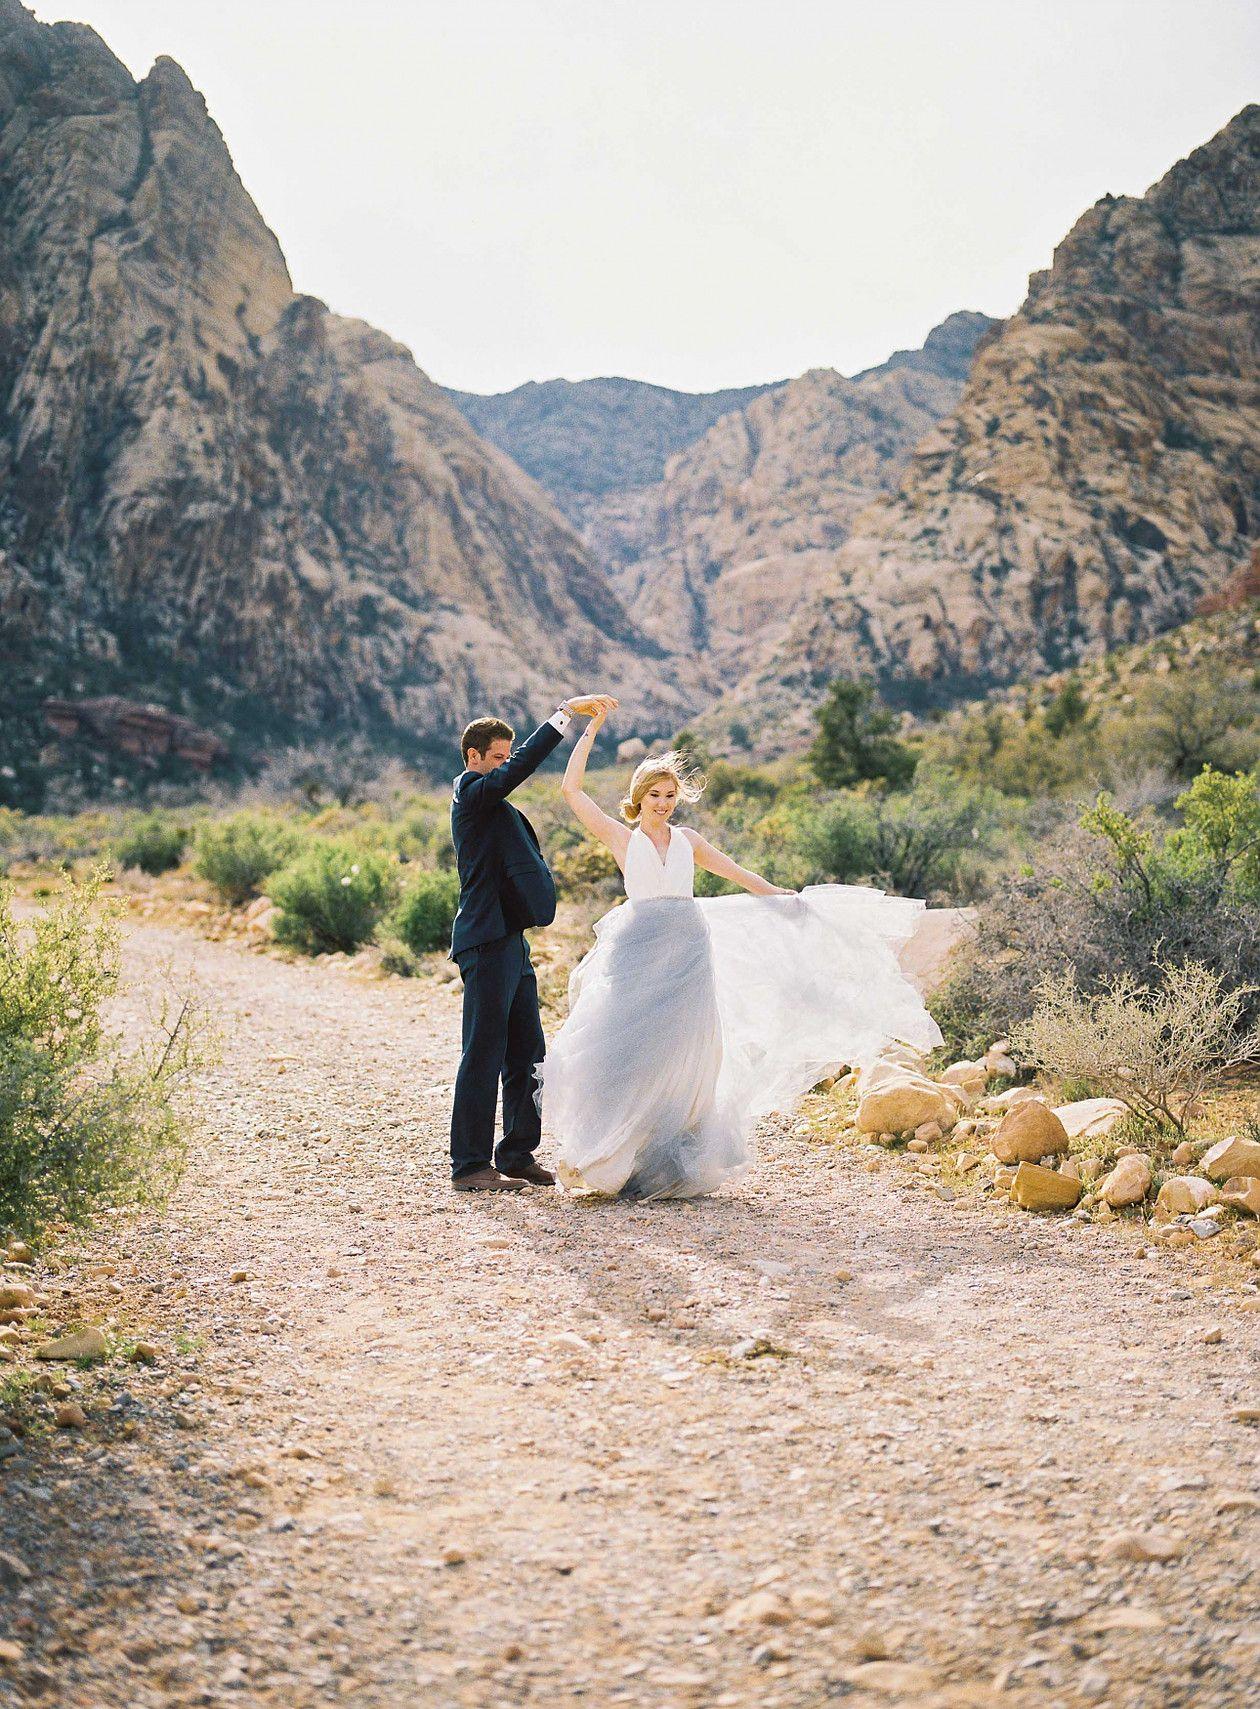 Wedding Spring Mountain Ranch